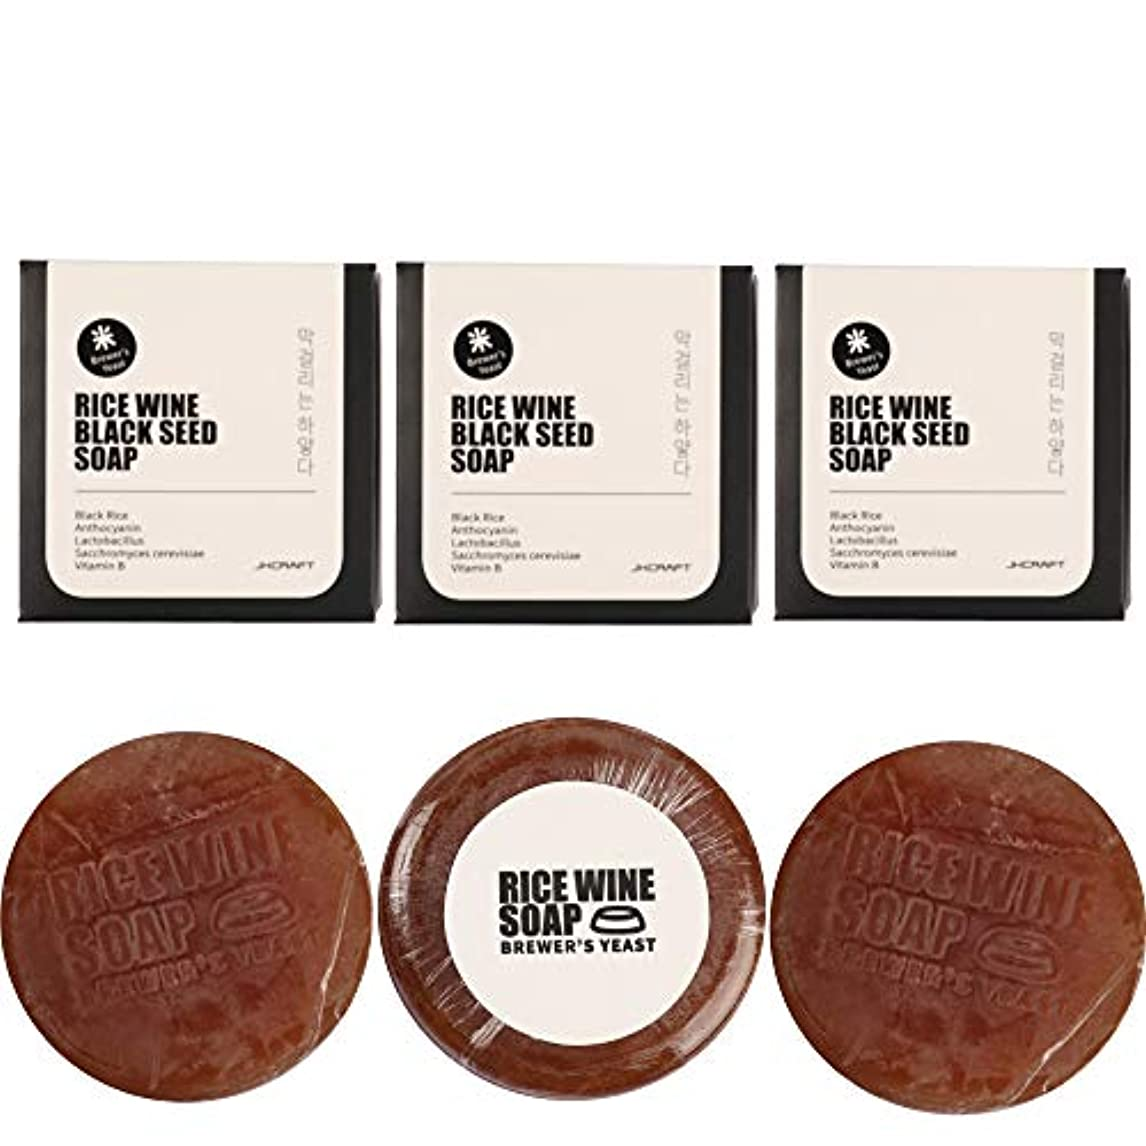 ホバート応答スカイJKCRAFT RICEWINE BLACK SEED SOAP 黒米マッコリ酵母石鹸,無添加,無刺激,天然洗顔石鹸 3pcs [並行輸入品]